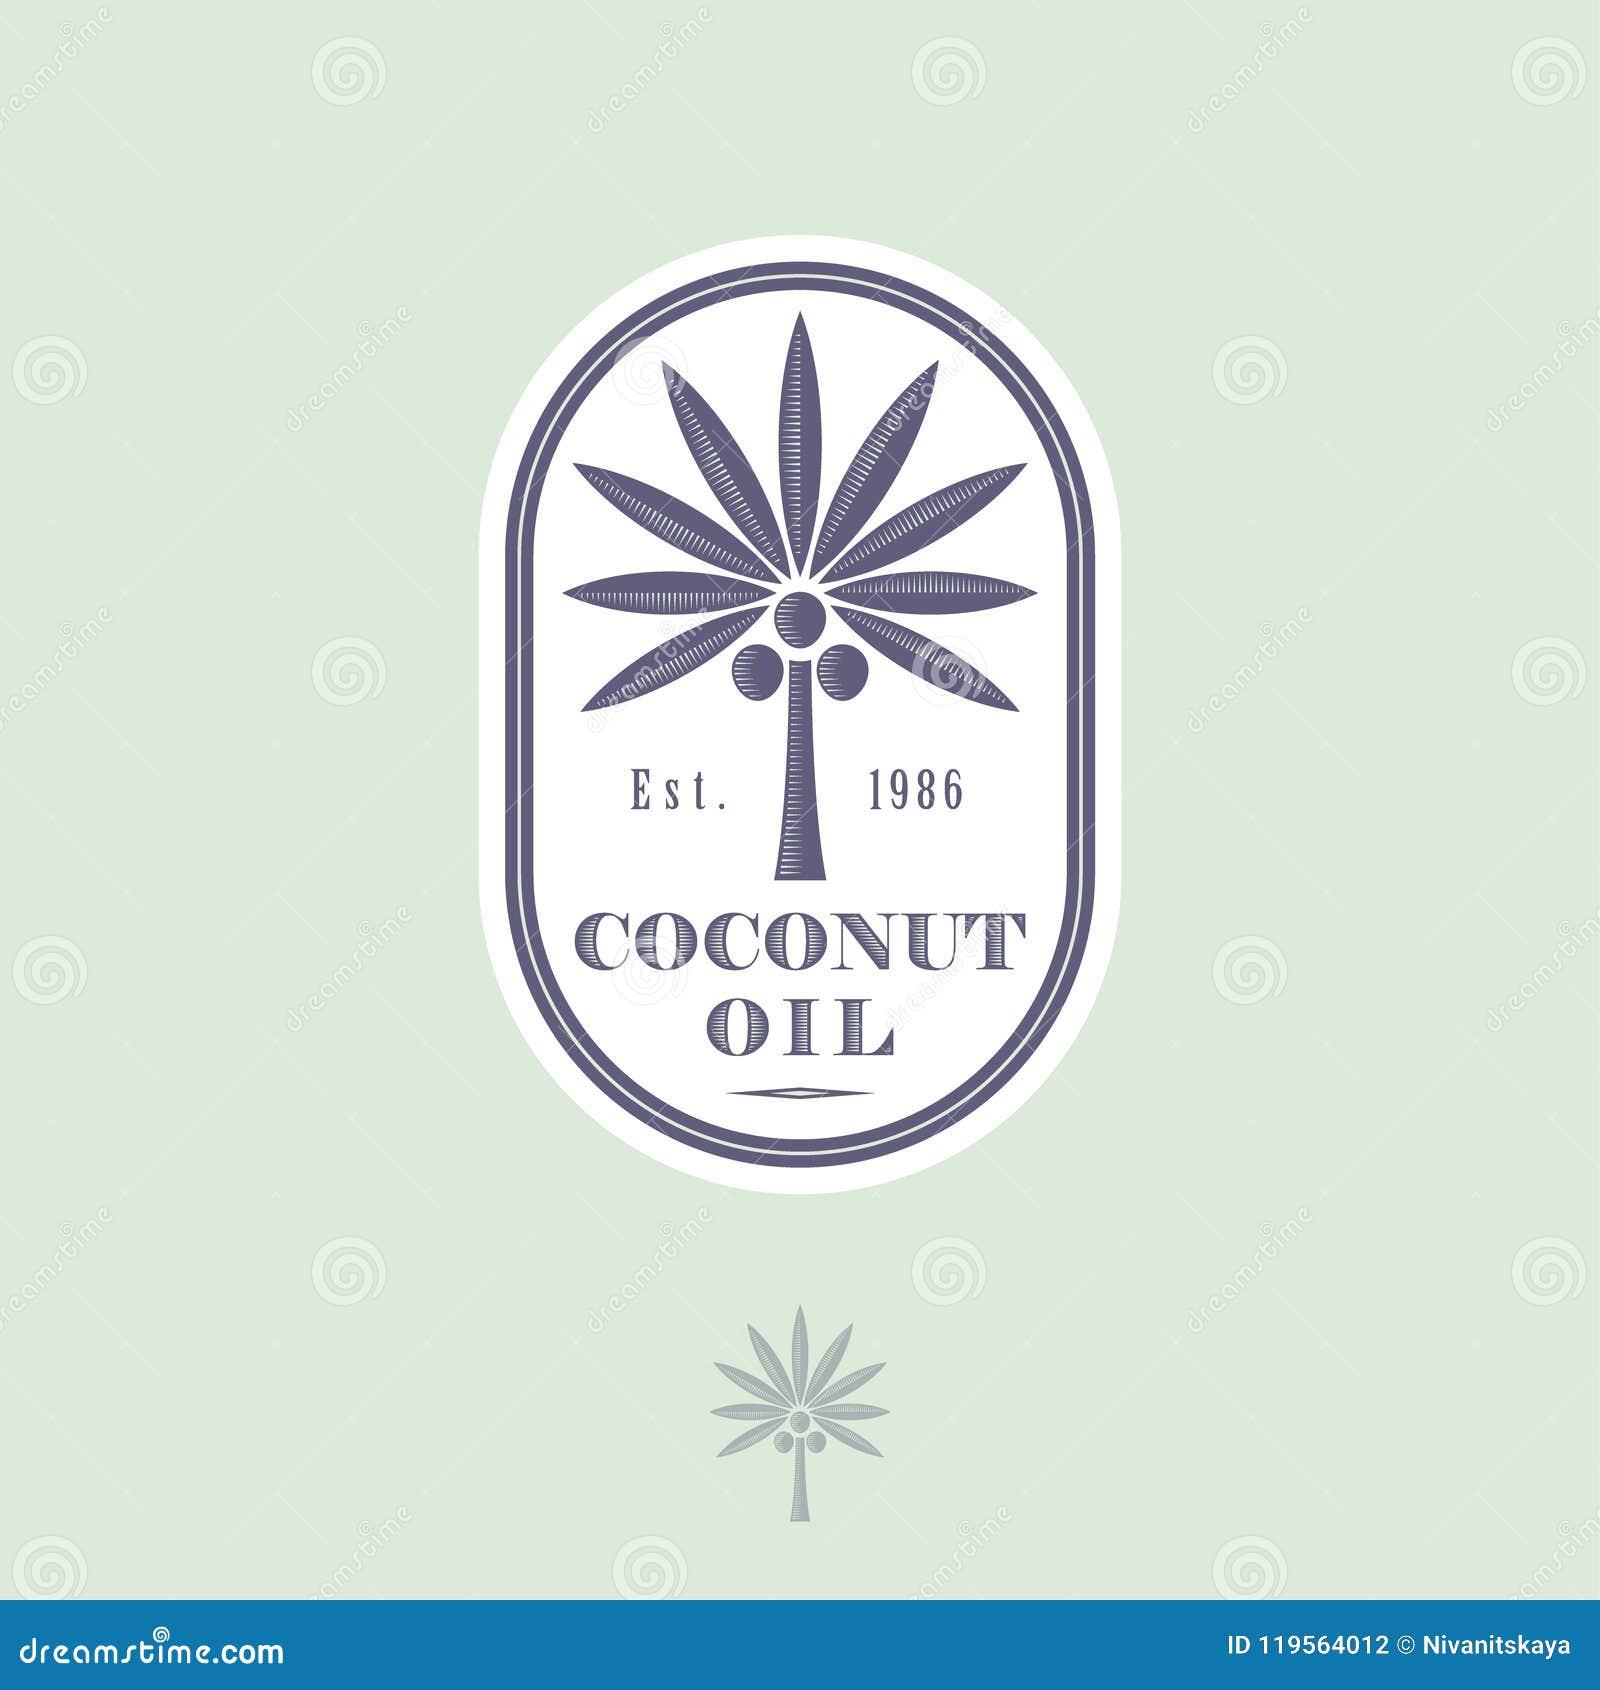 Logo ed etichetta per olio di cocco per imballare Cocco con le lettere in un icona arrotondata